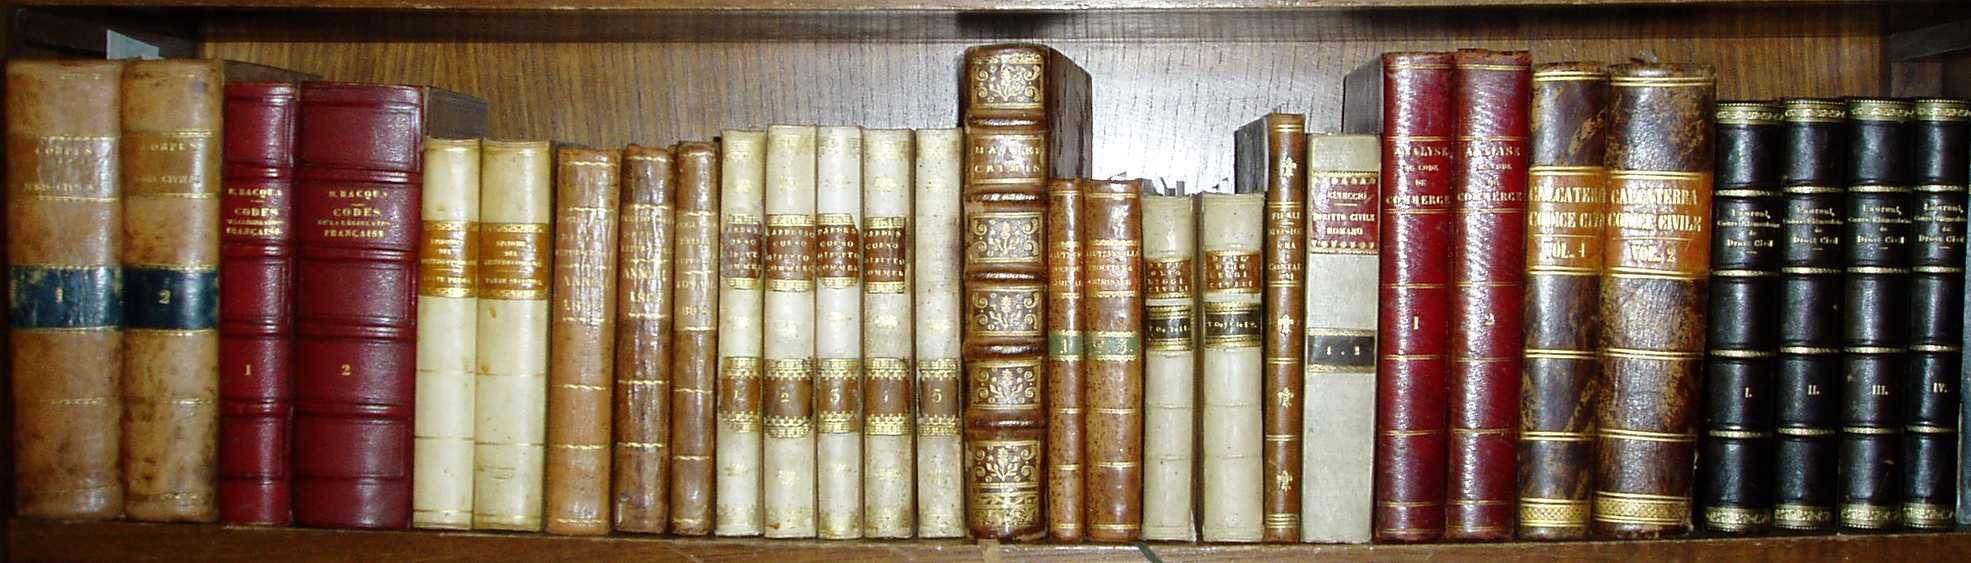 Scegli il tuo libro preferito